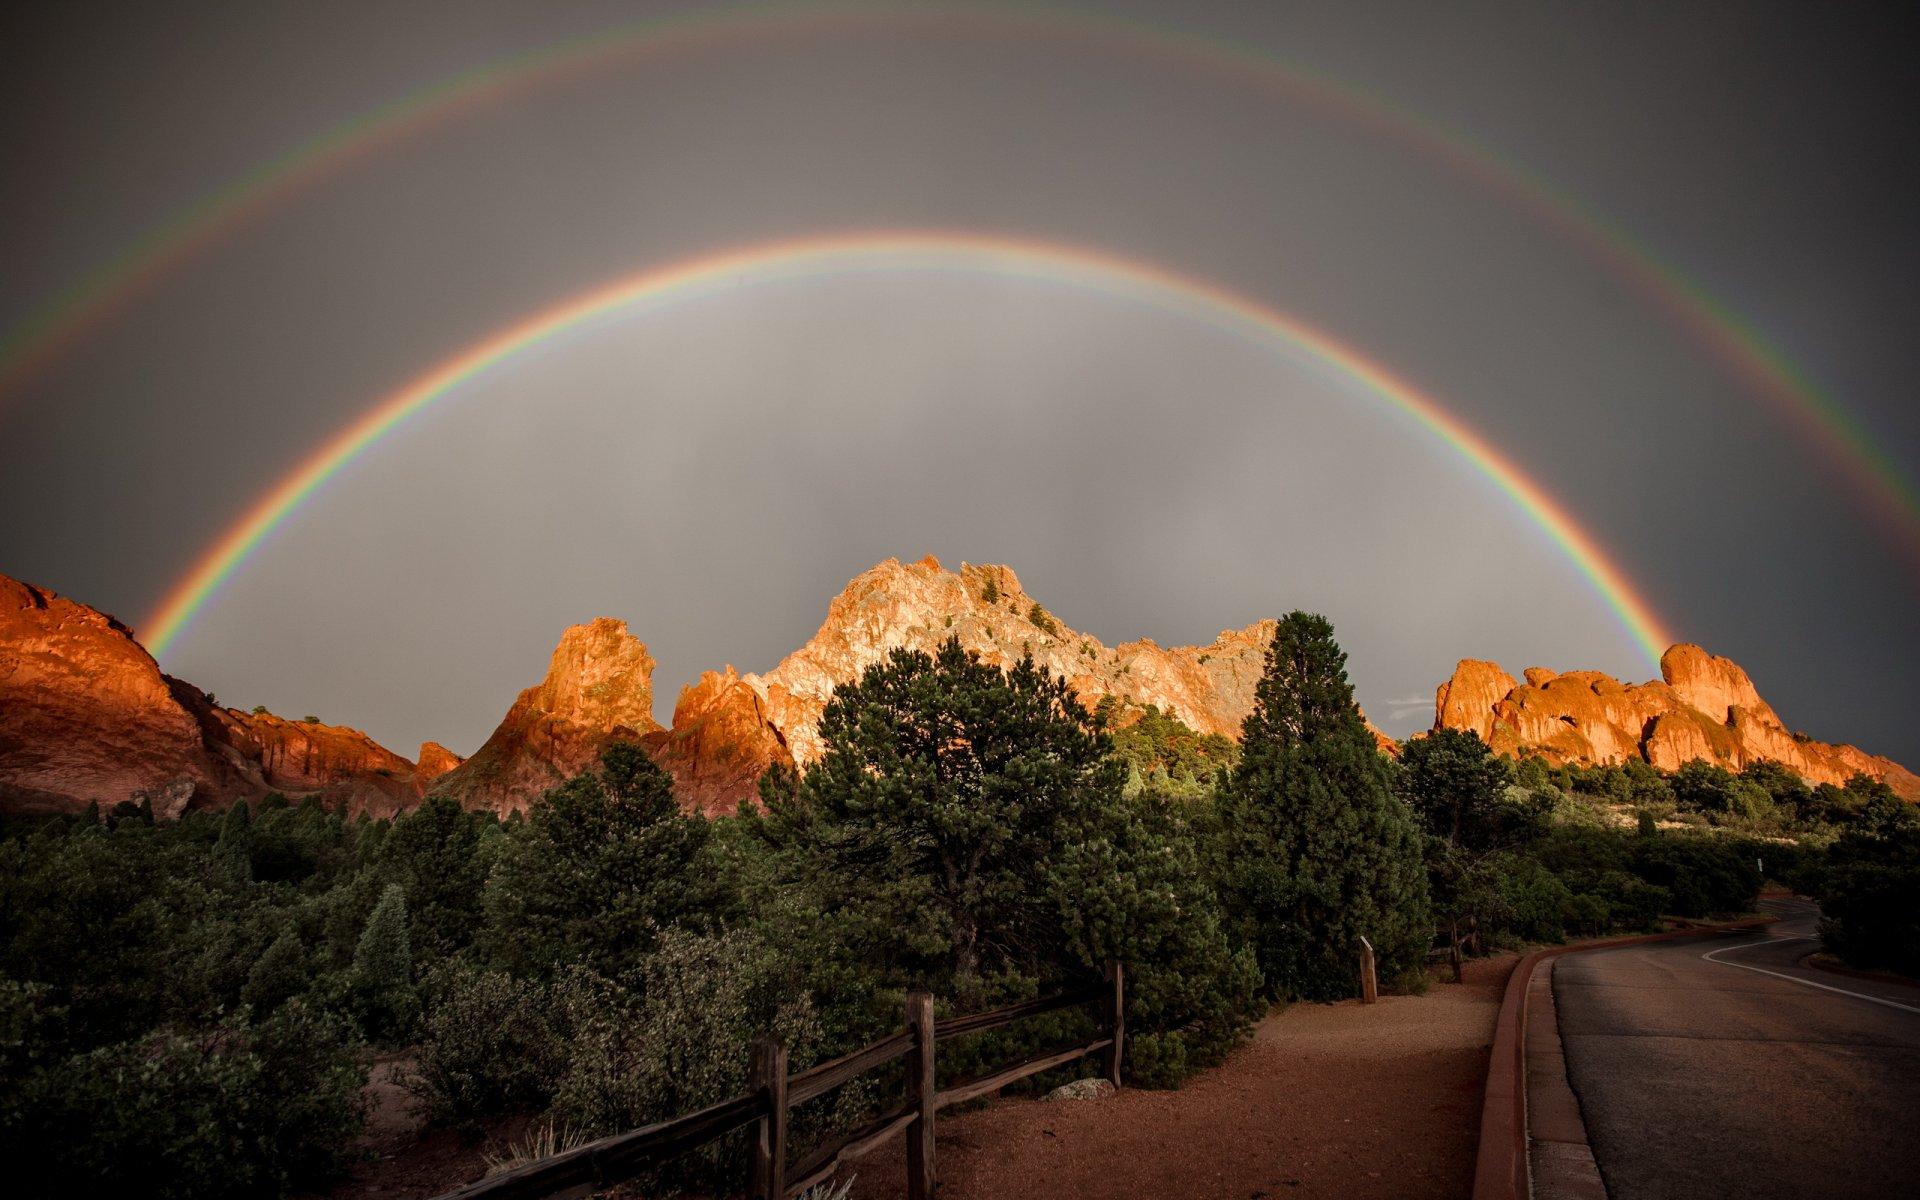 школы самые необычно красивые фото радуги укуса происходит так